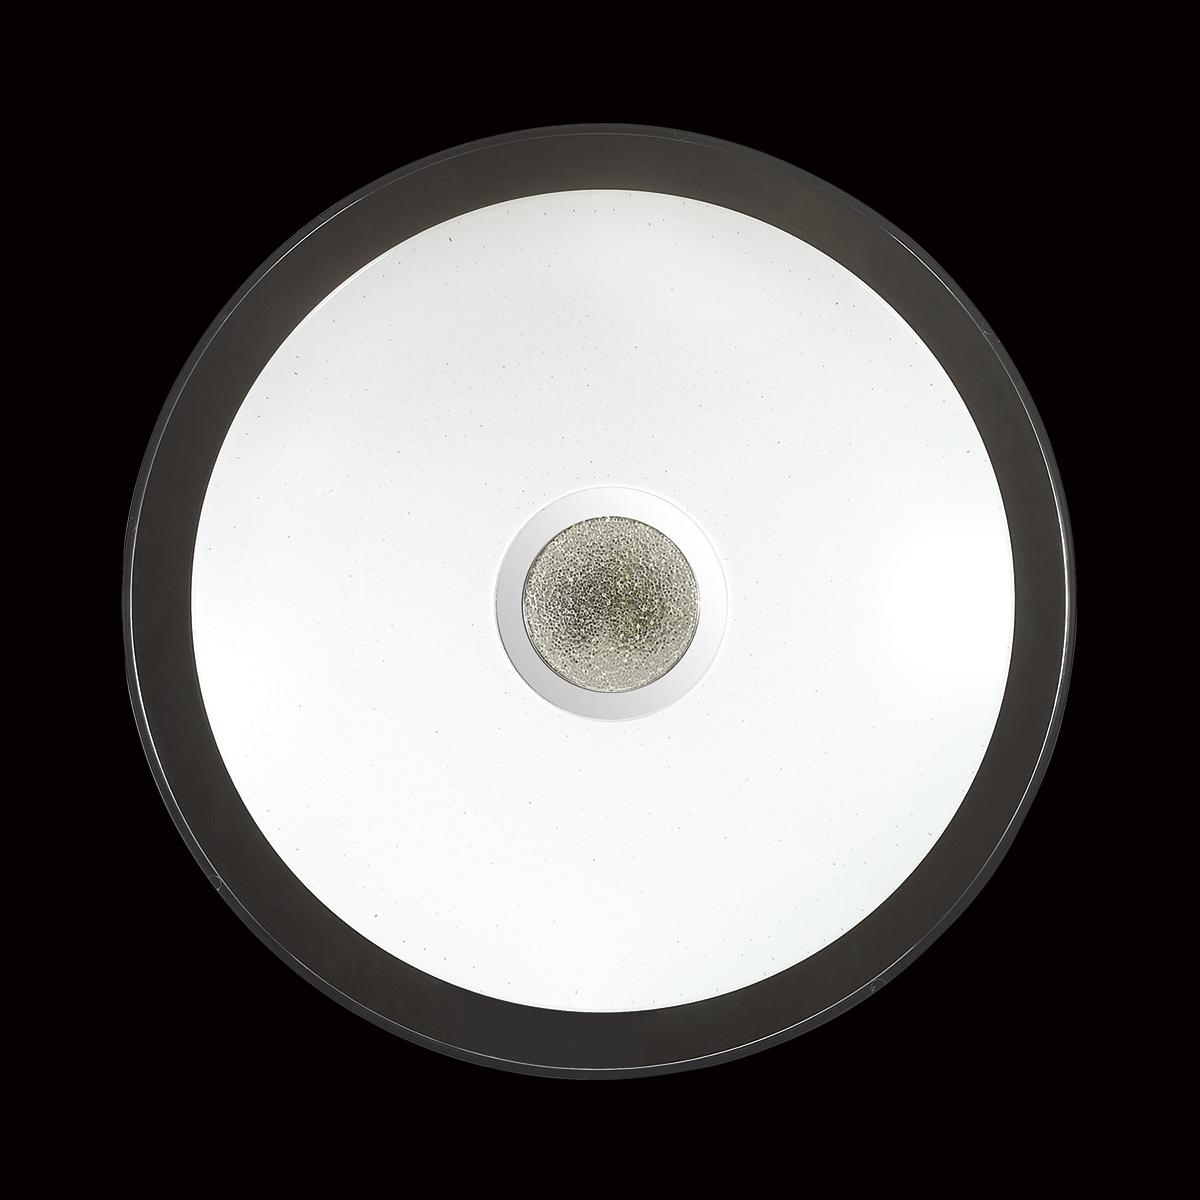 Потолочный светодиодный светильник с пультом ДУ Sonex Galeo 2054/EL, IP43, LED 72W 3000-6500K 3612lm, белый, хром, металл, пластик - фото 6